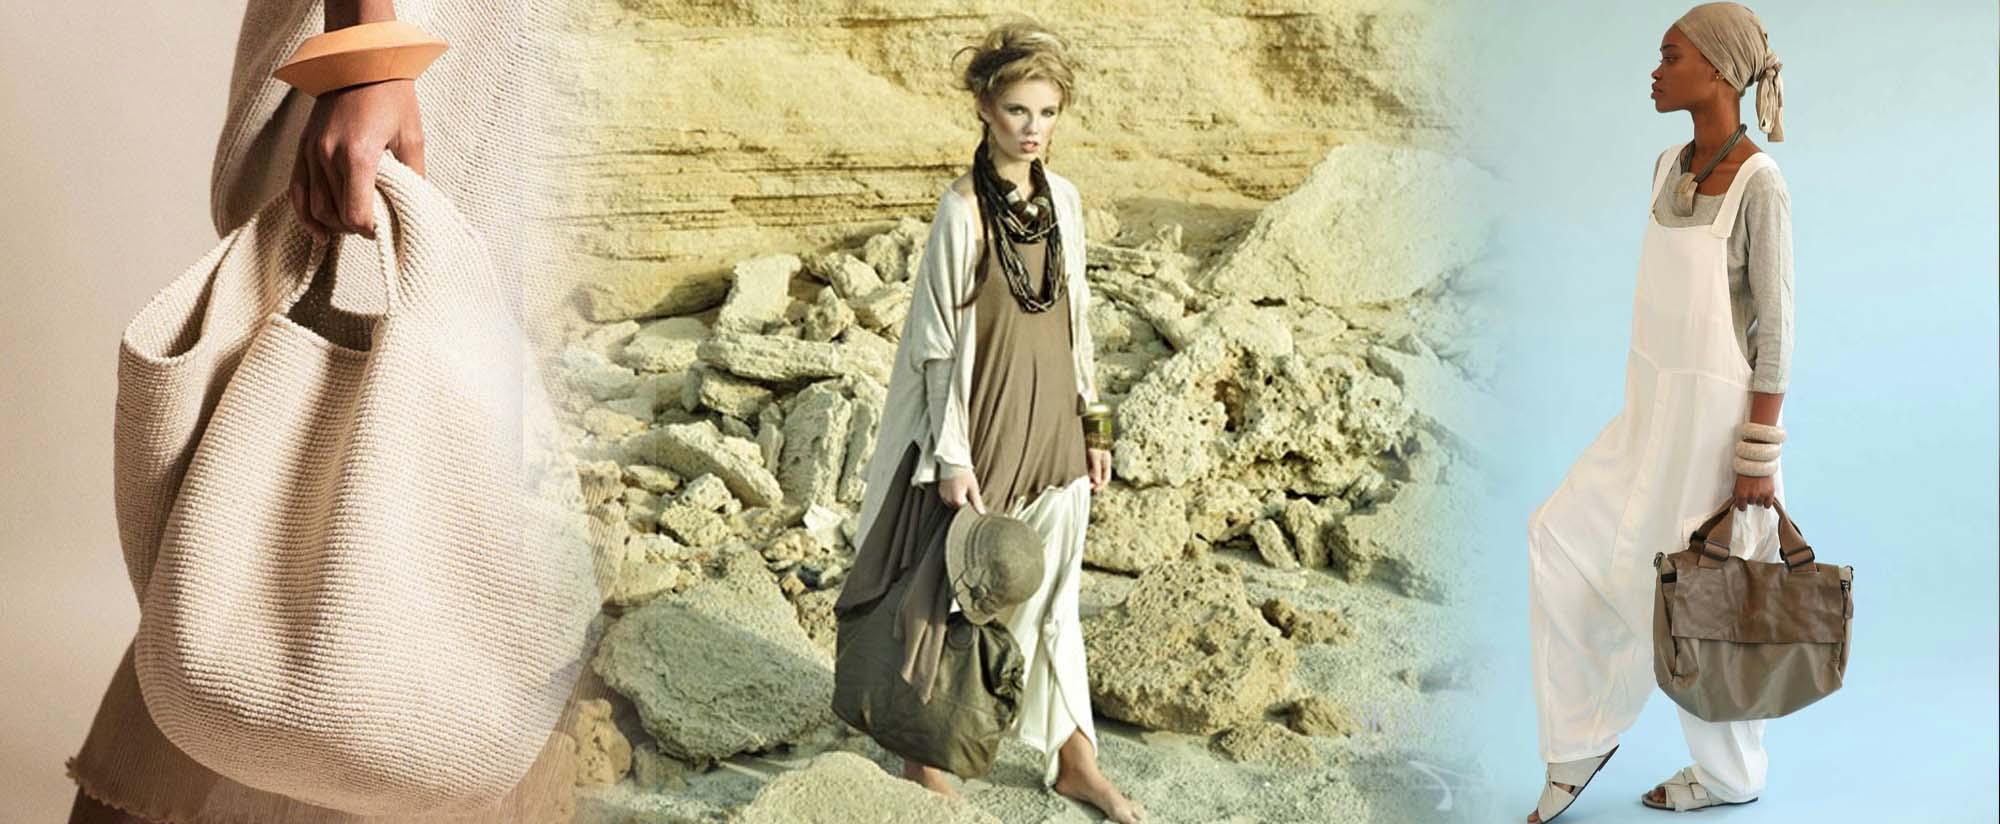 אופנה ופרשת השבוע- סגנון הלבוש הטבעי, Fashion Israel-מגזין אופנה ישראלי